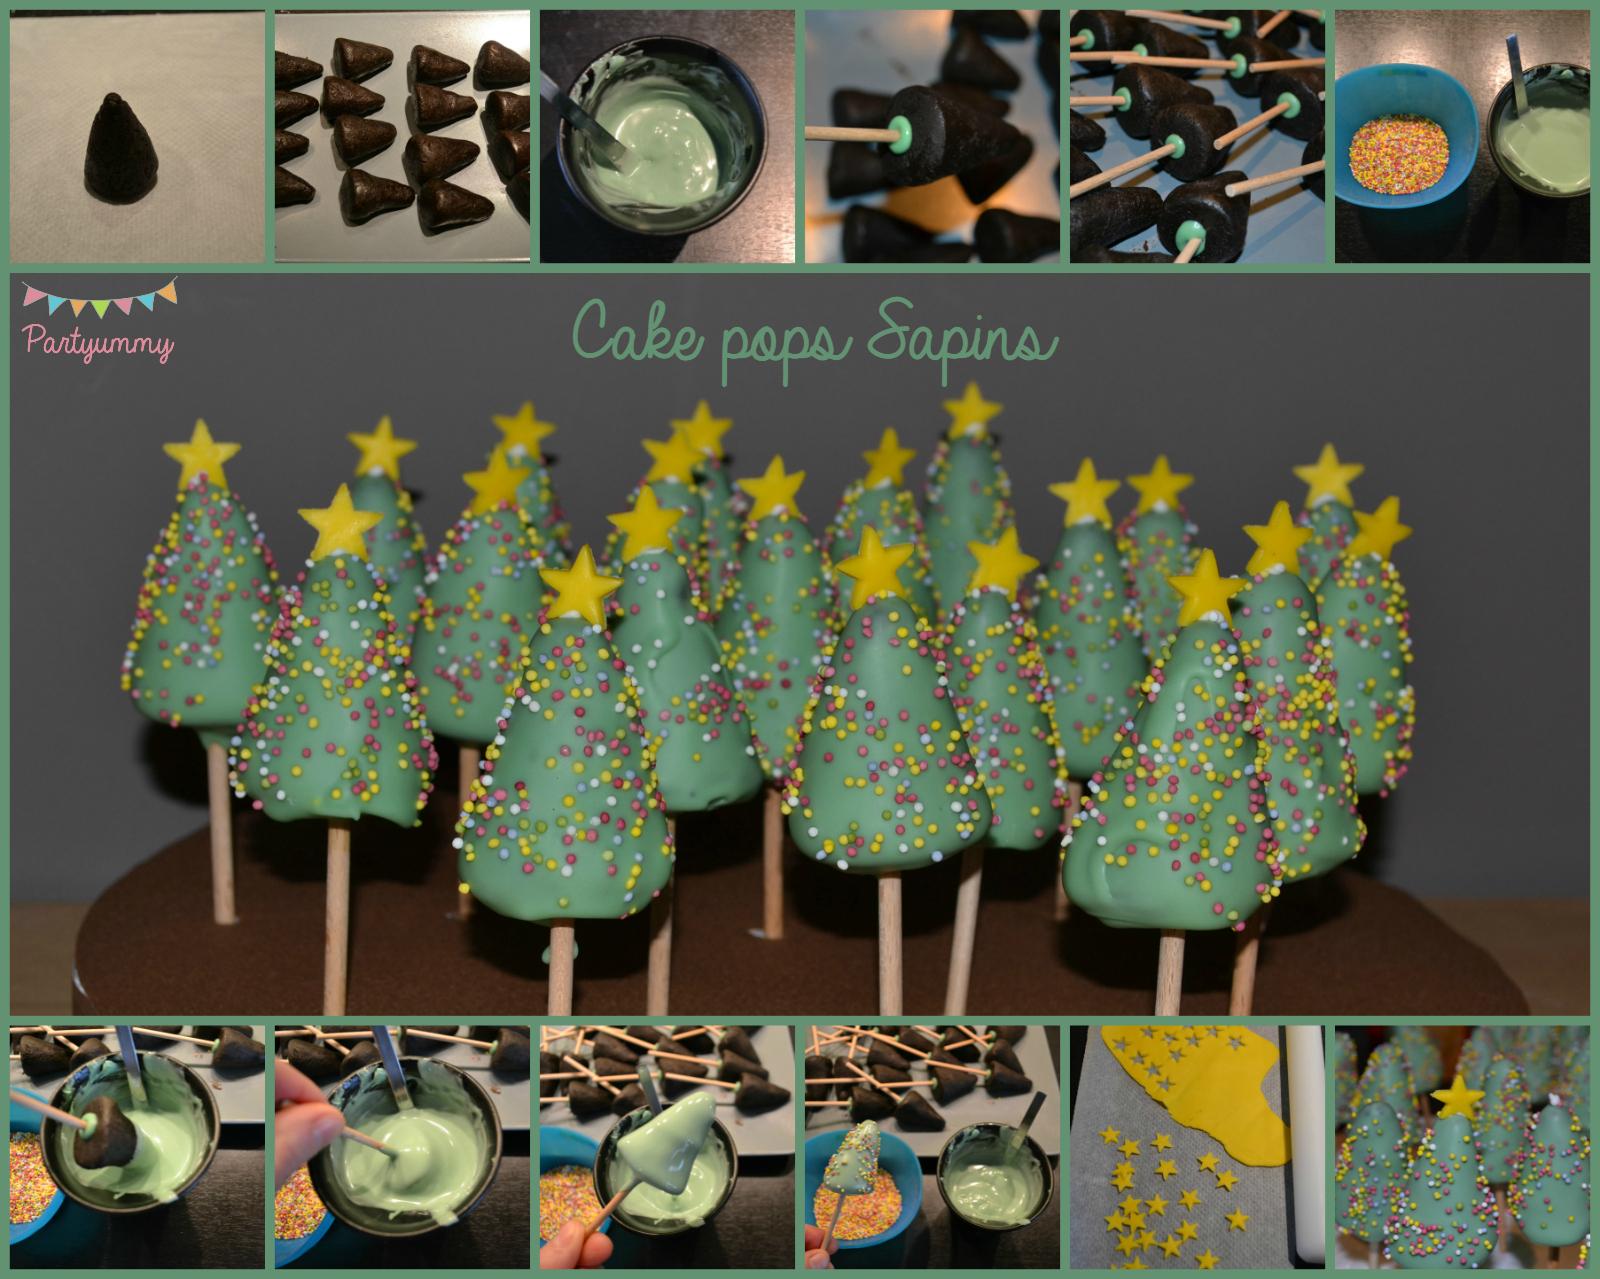 tuto-cake-pops-sapin-noel-christmas-tree